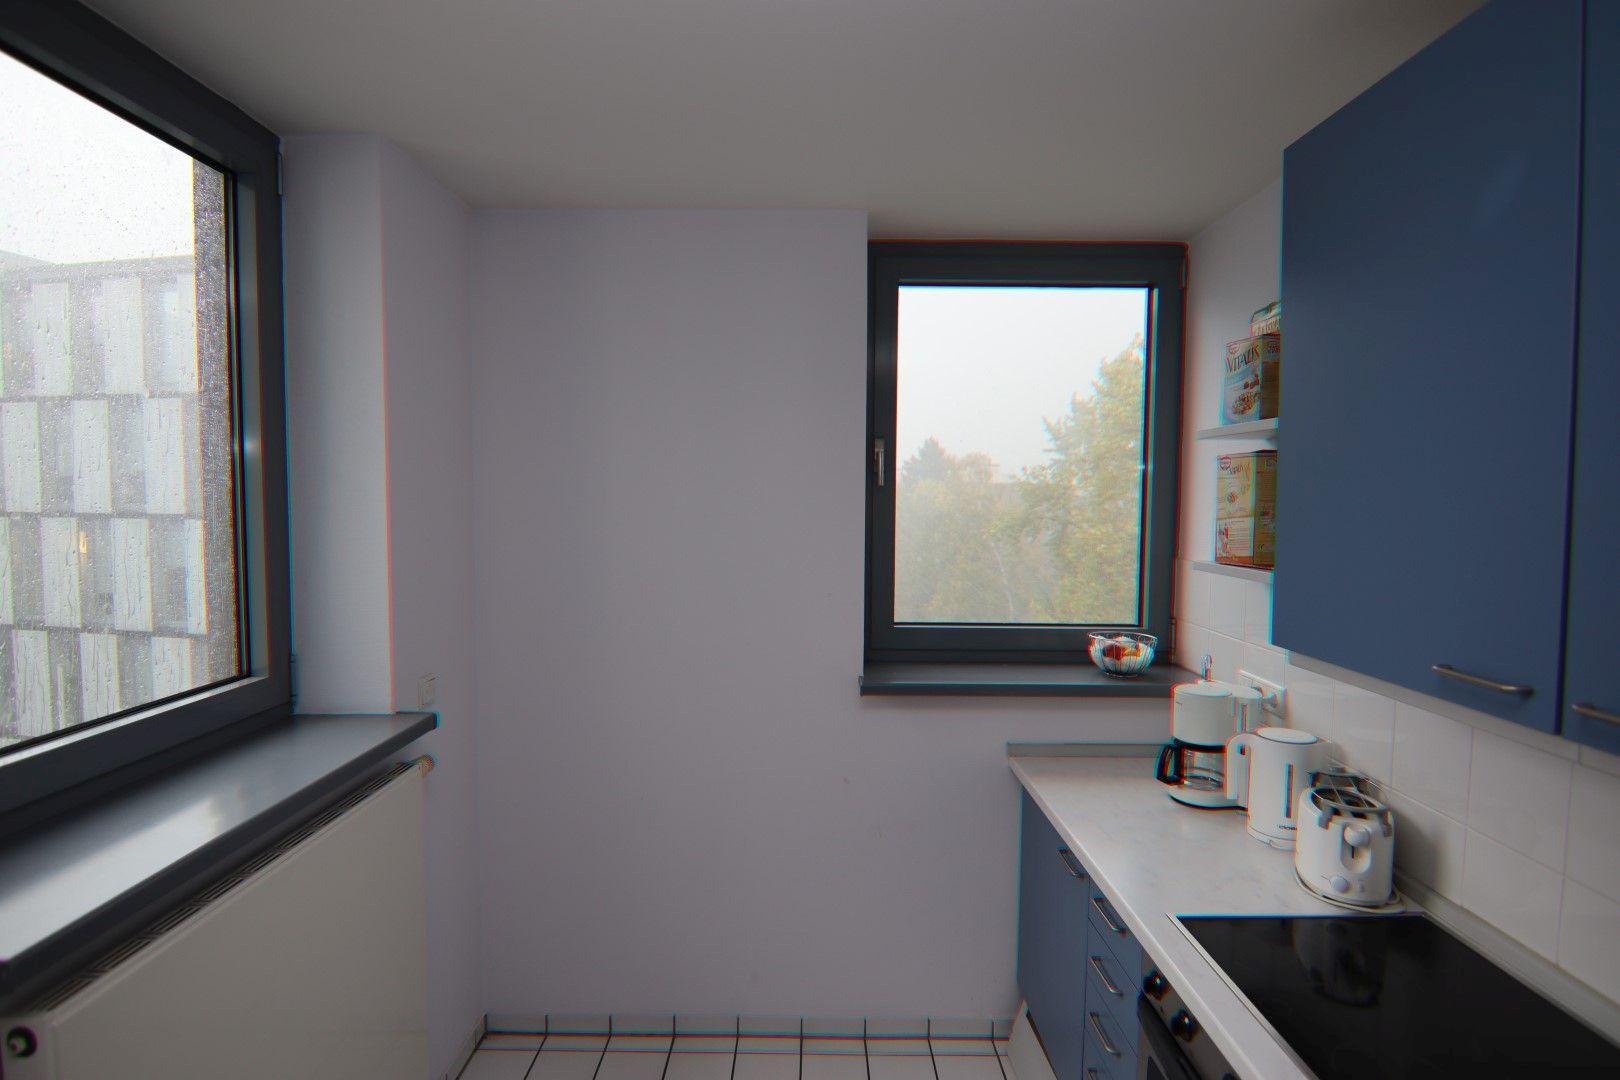 Immobilie Nr.0280 - 2-RAUM-WOHNUNG mit Wintergarten, Stellplatz und Einbauküche  - Bild 9.jpg